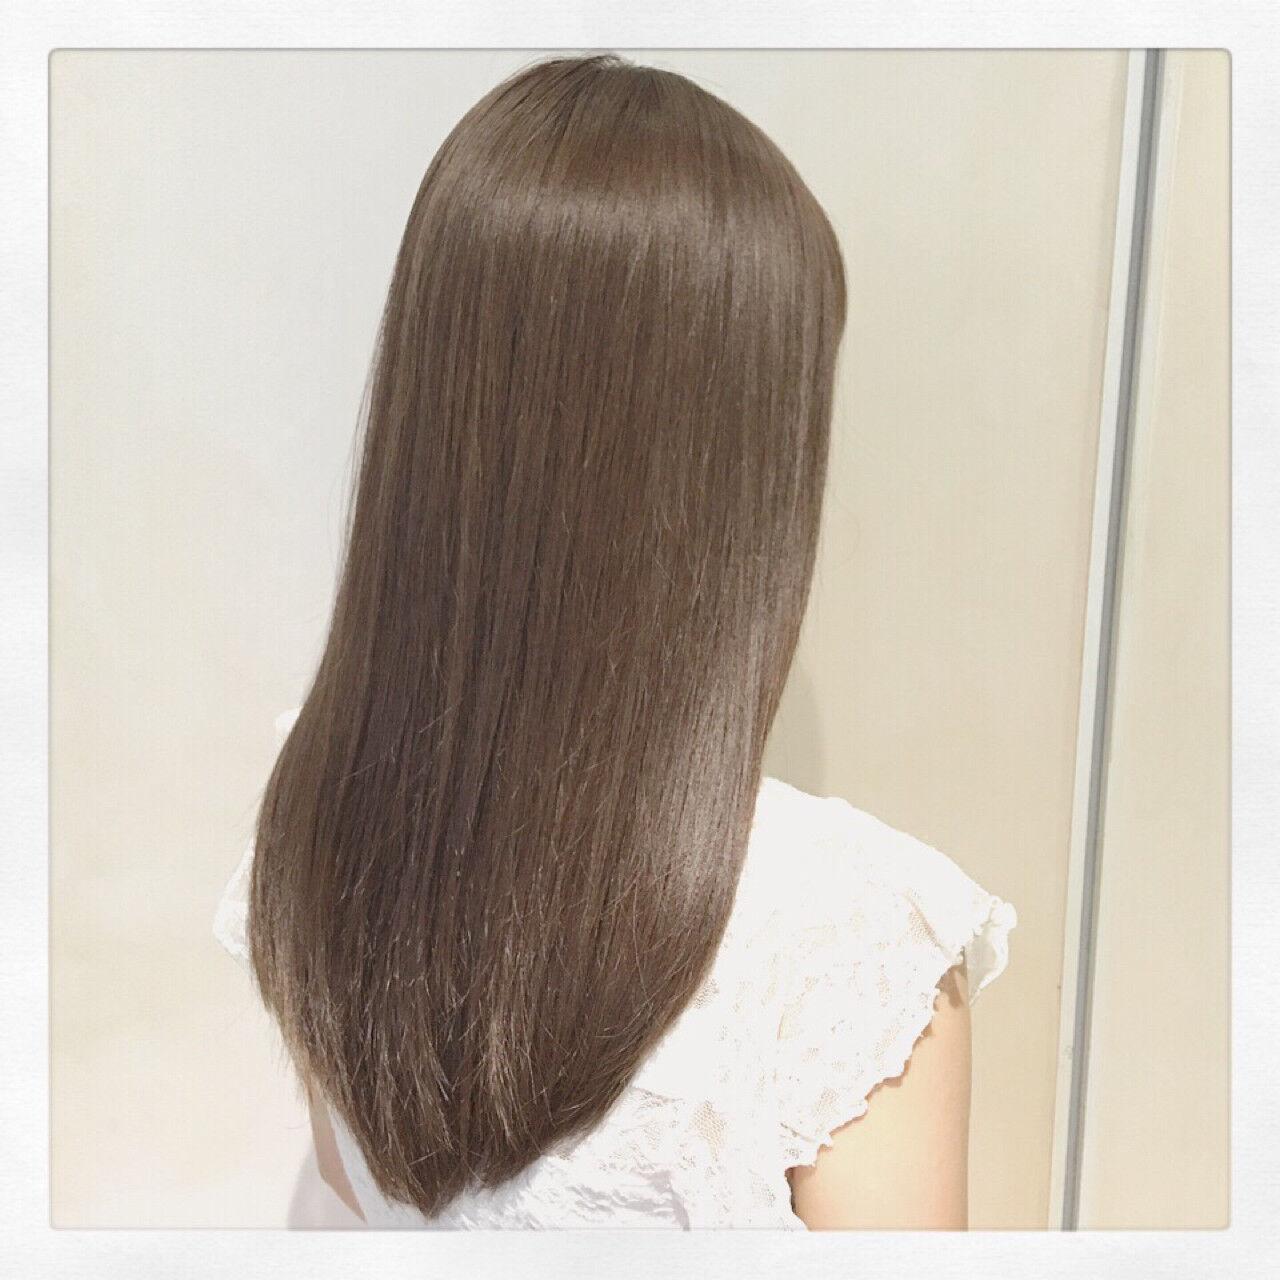 フェミニン コンサバ アッシュ ハイライトヘアスタイルや髪型の写真・画像